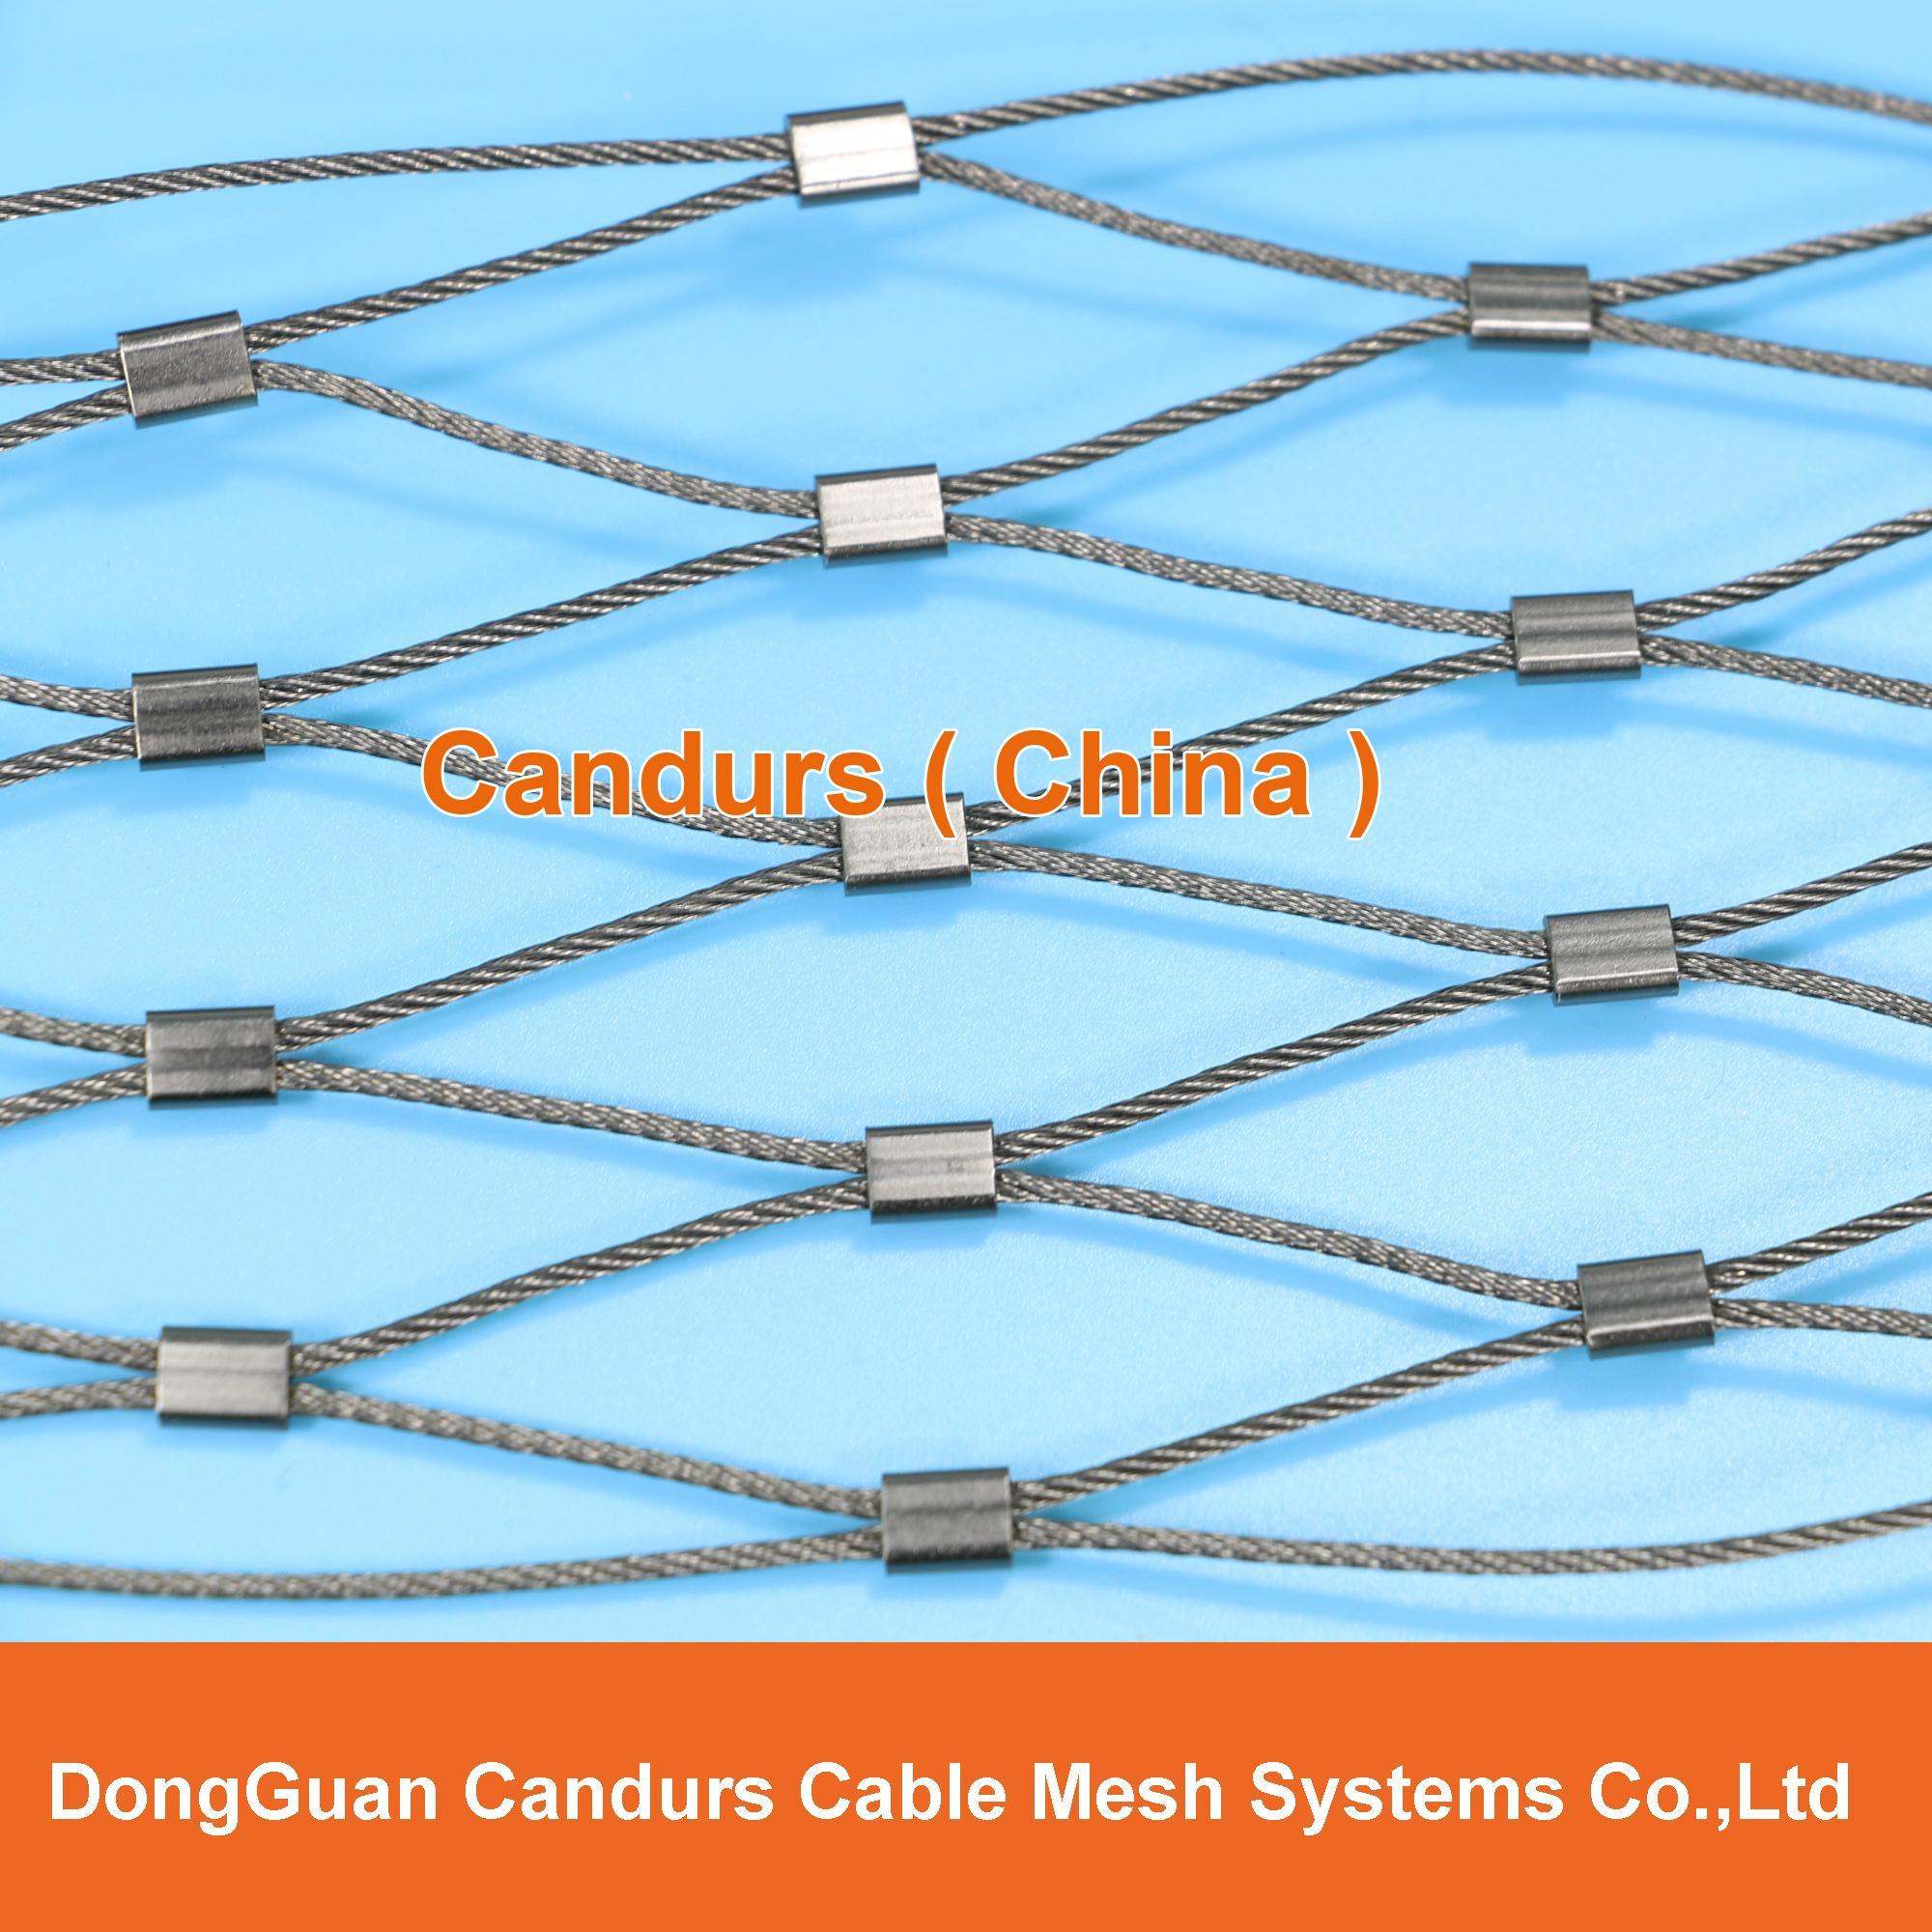 不鏽鋼實用裝飾防護網 7